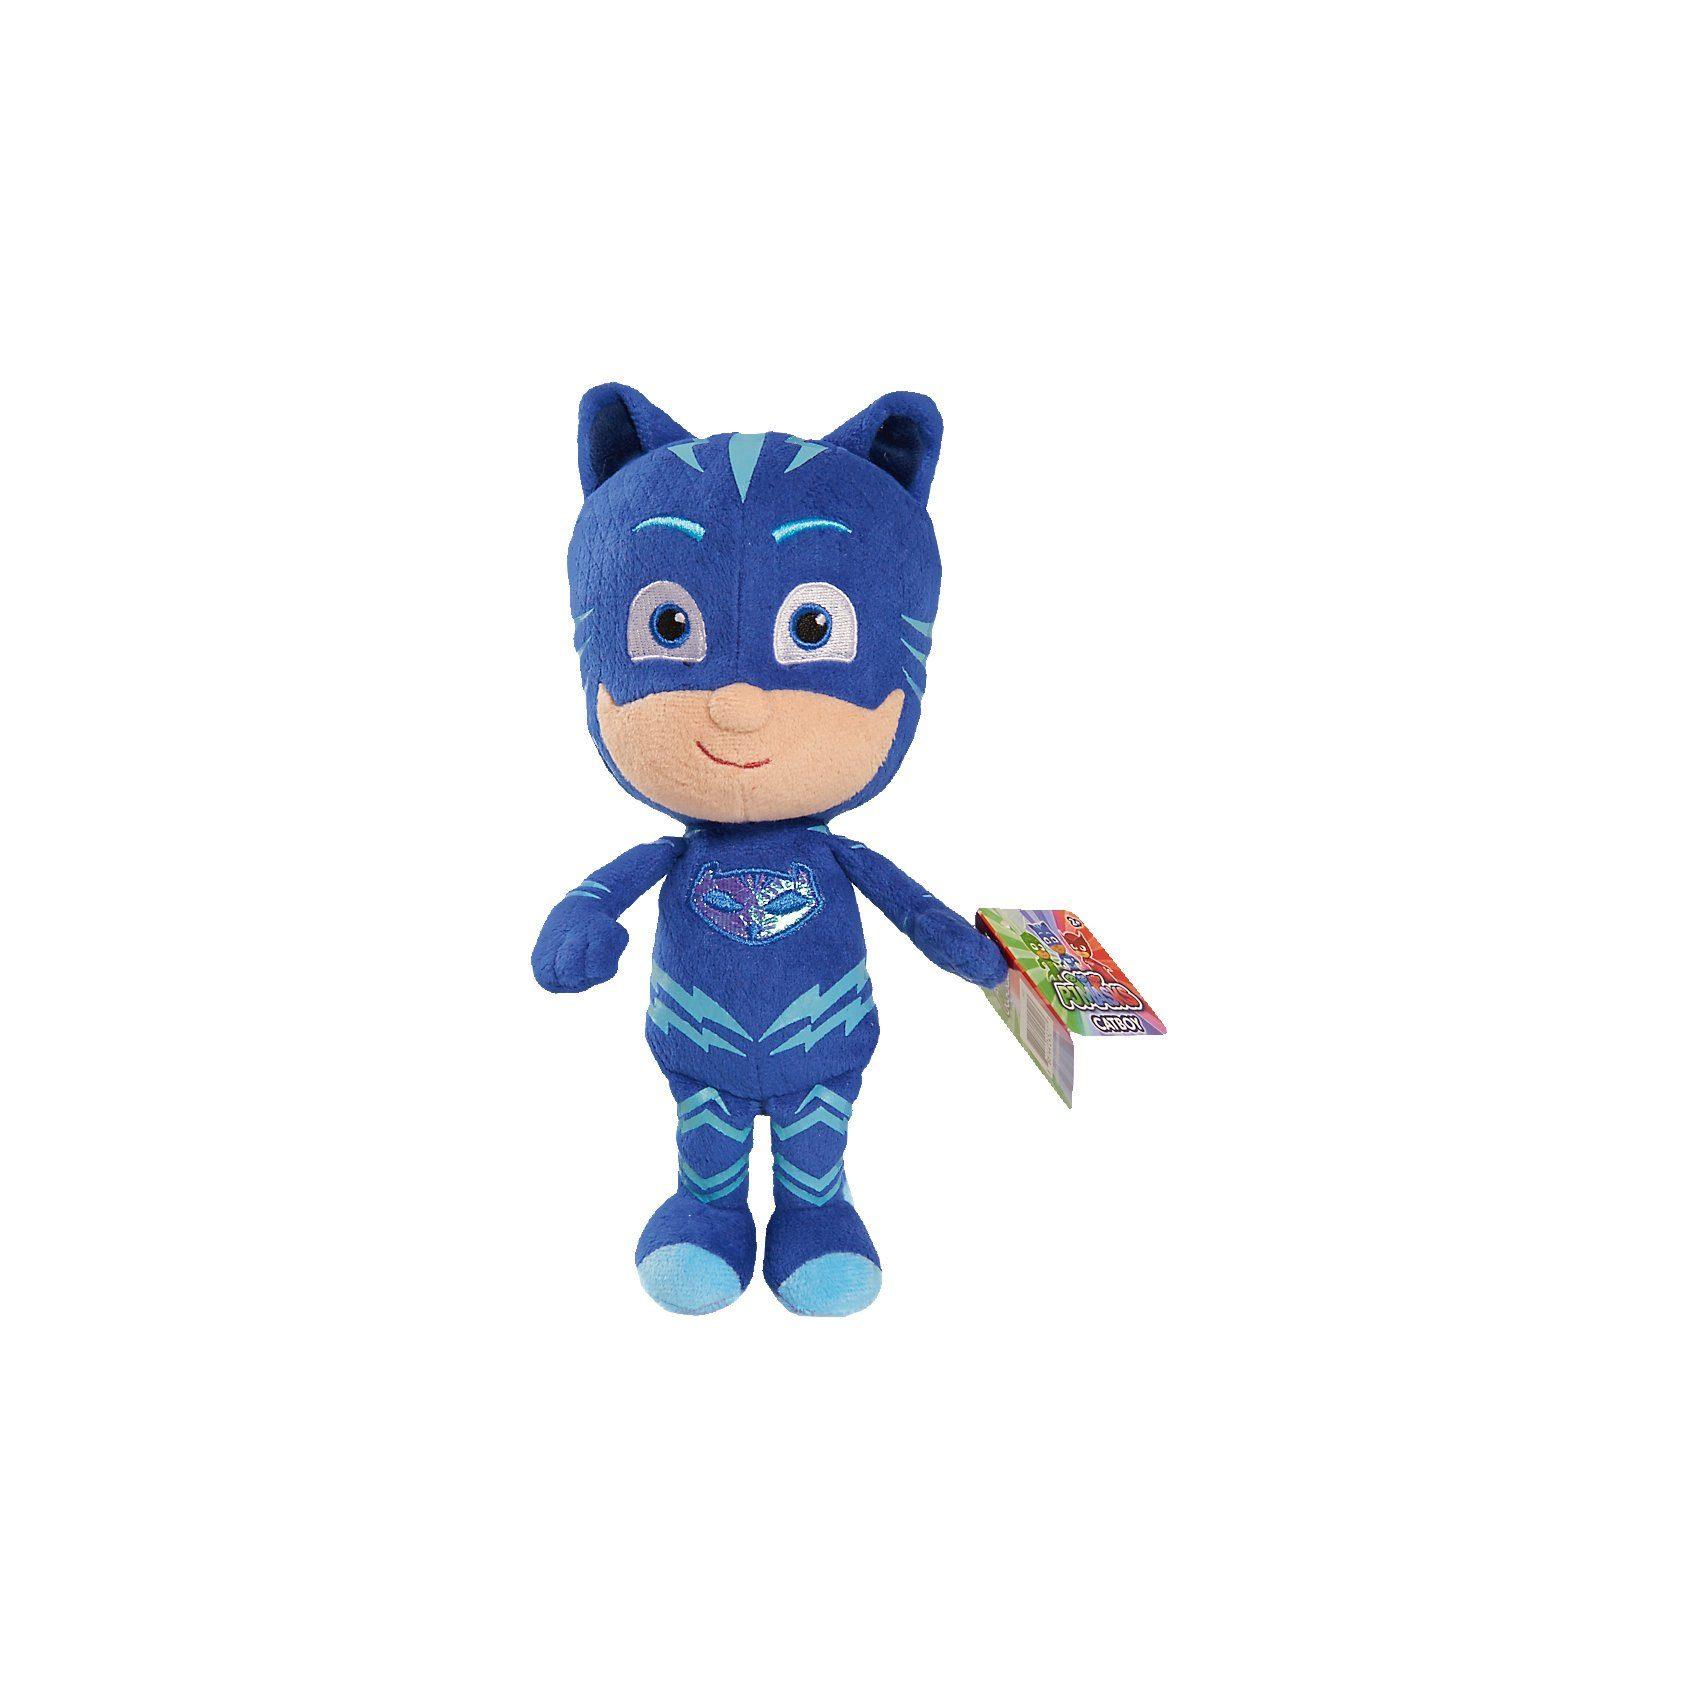 SIMBA PJ Masks Plüschfigur Catboy, 20cm